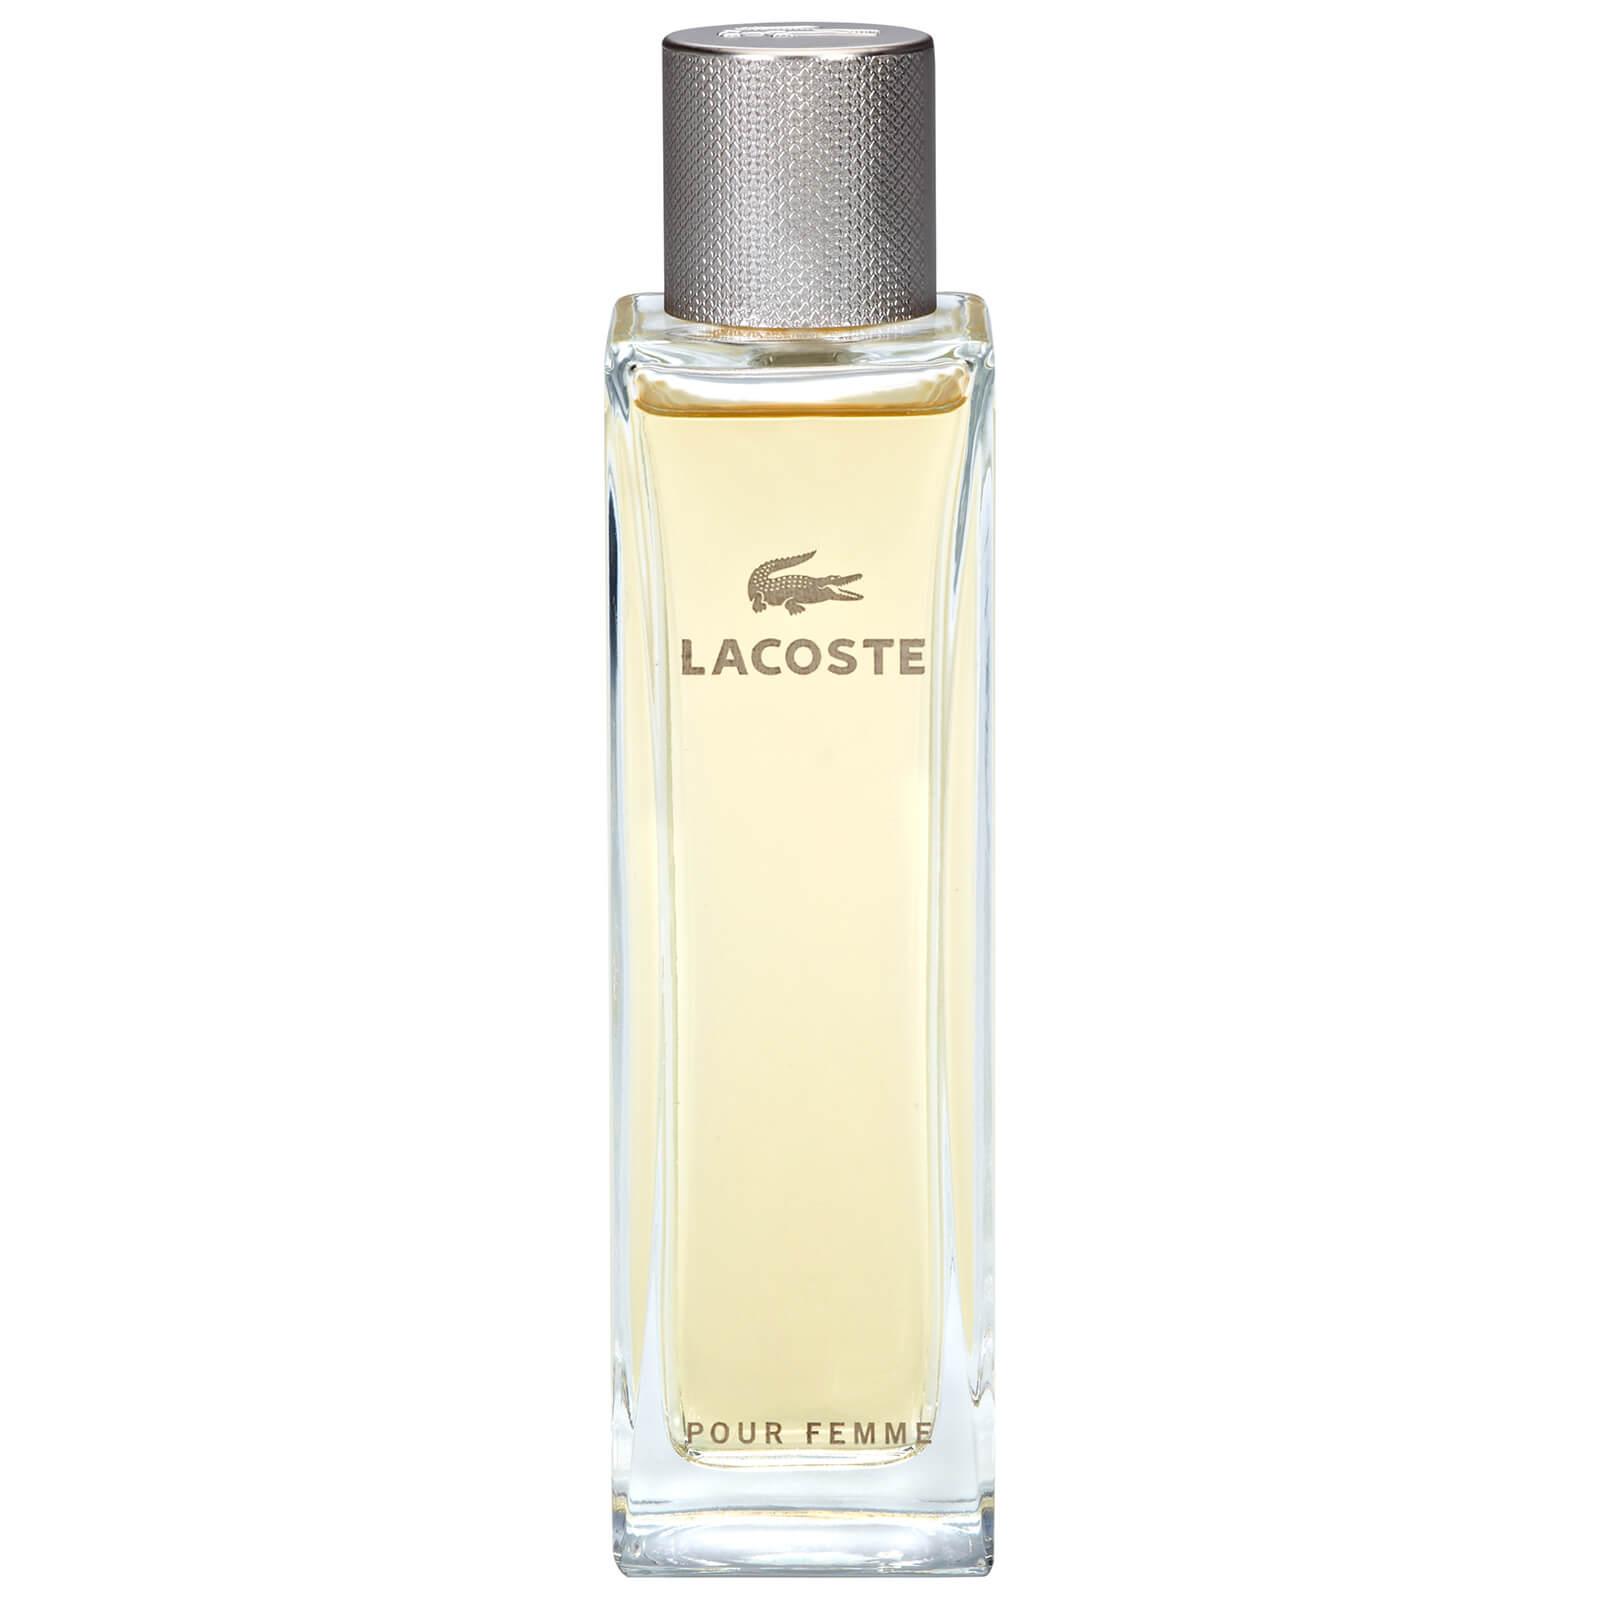 parfum lacoste pour femme